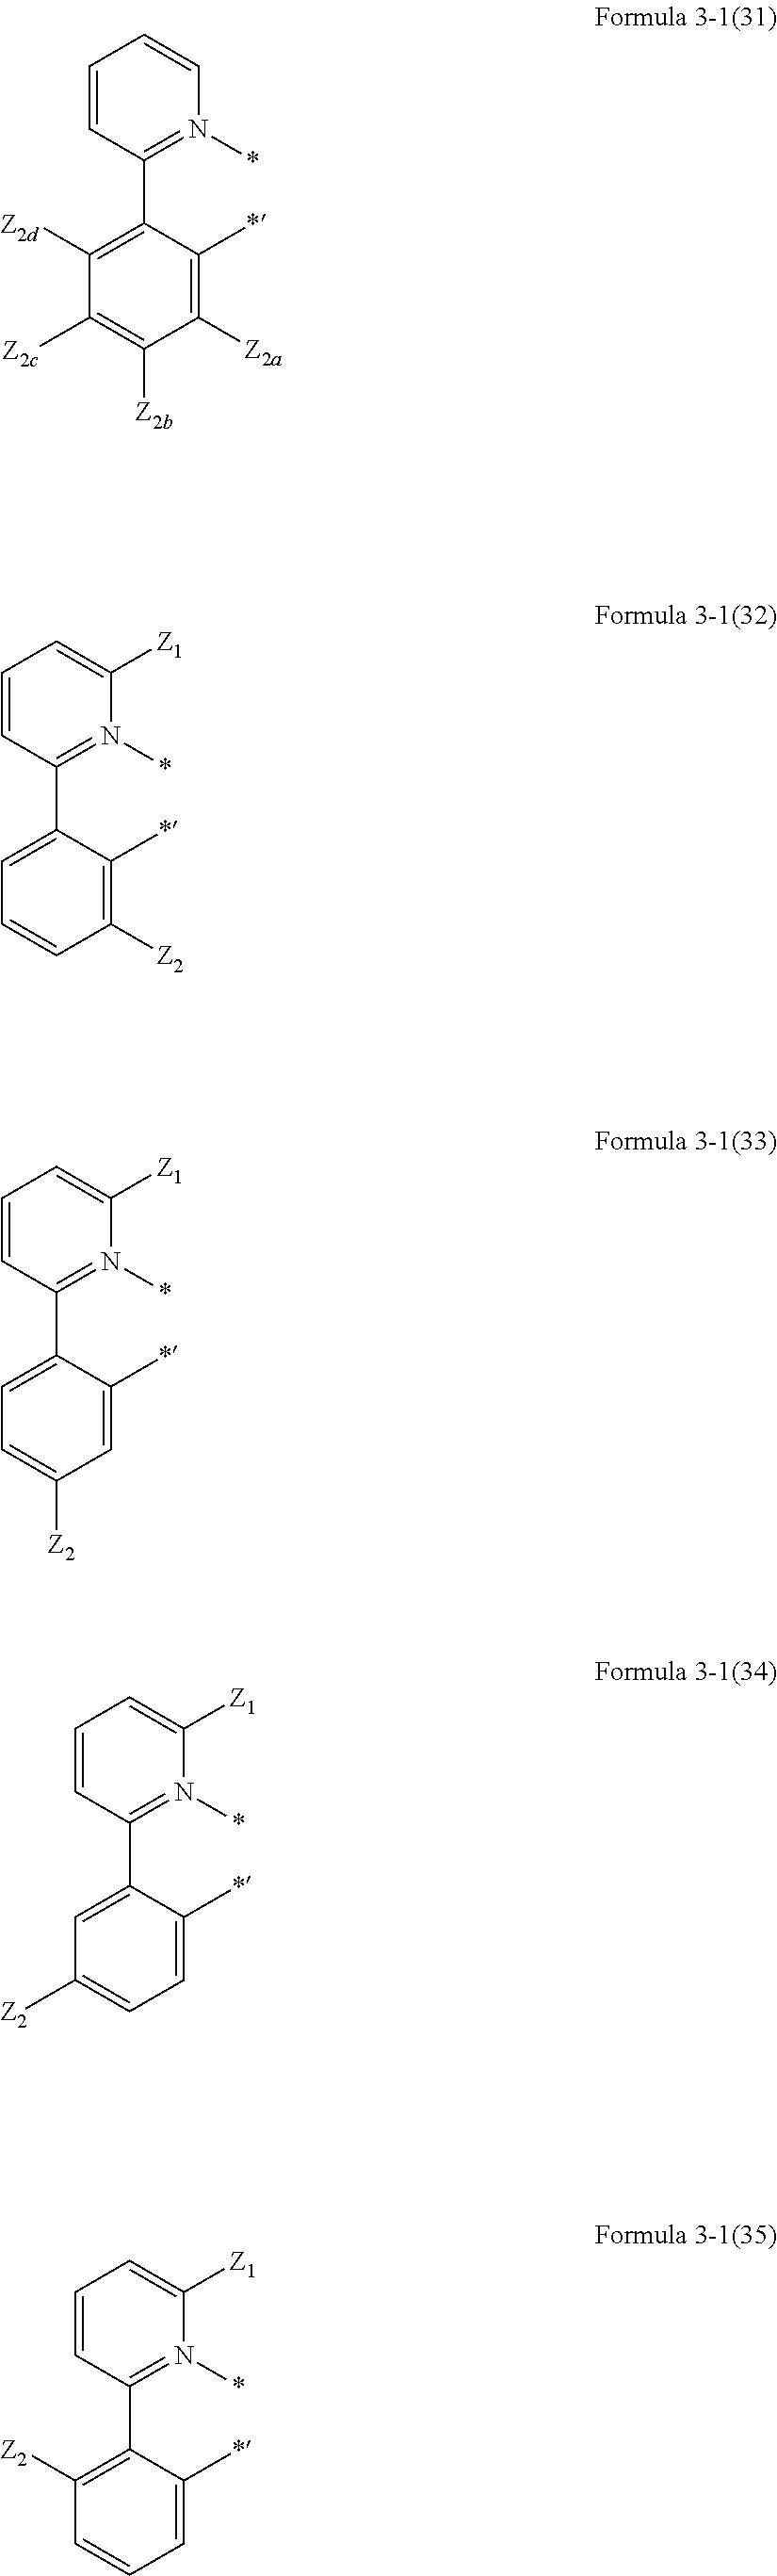 Figure US20160155962A1-20160602-C00053